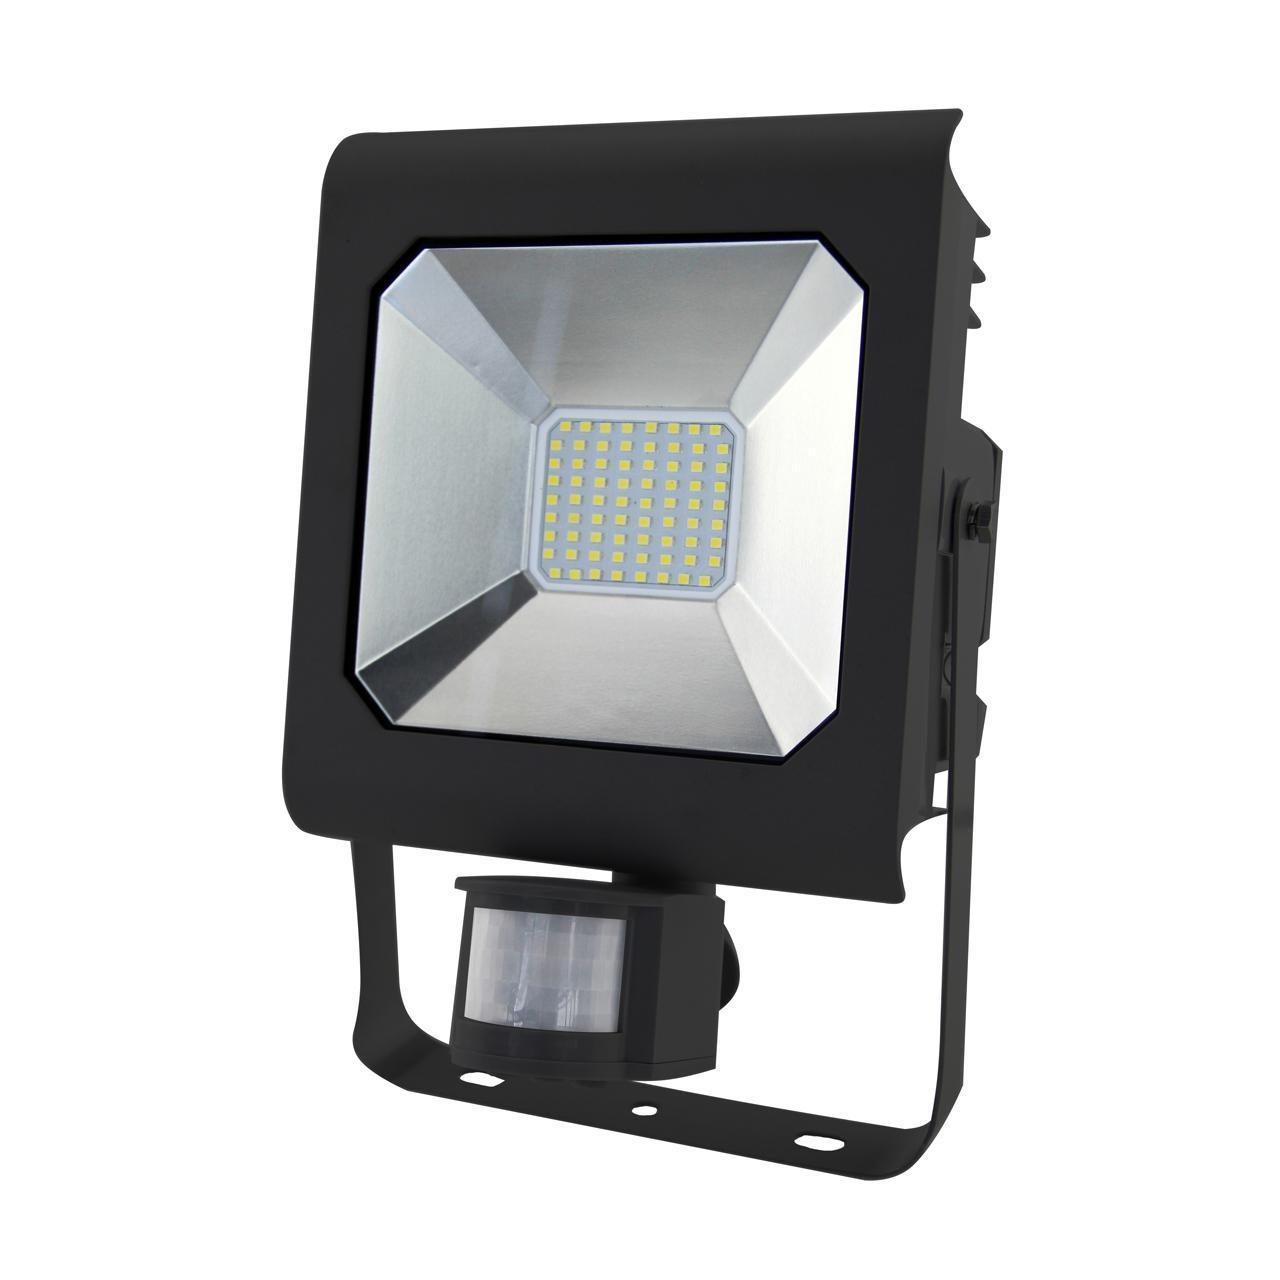 Прожектор Эра LPR-50-6500K-M-SEN SMD PRO, 50 Вт